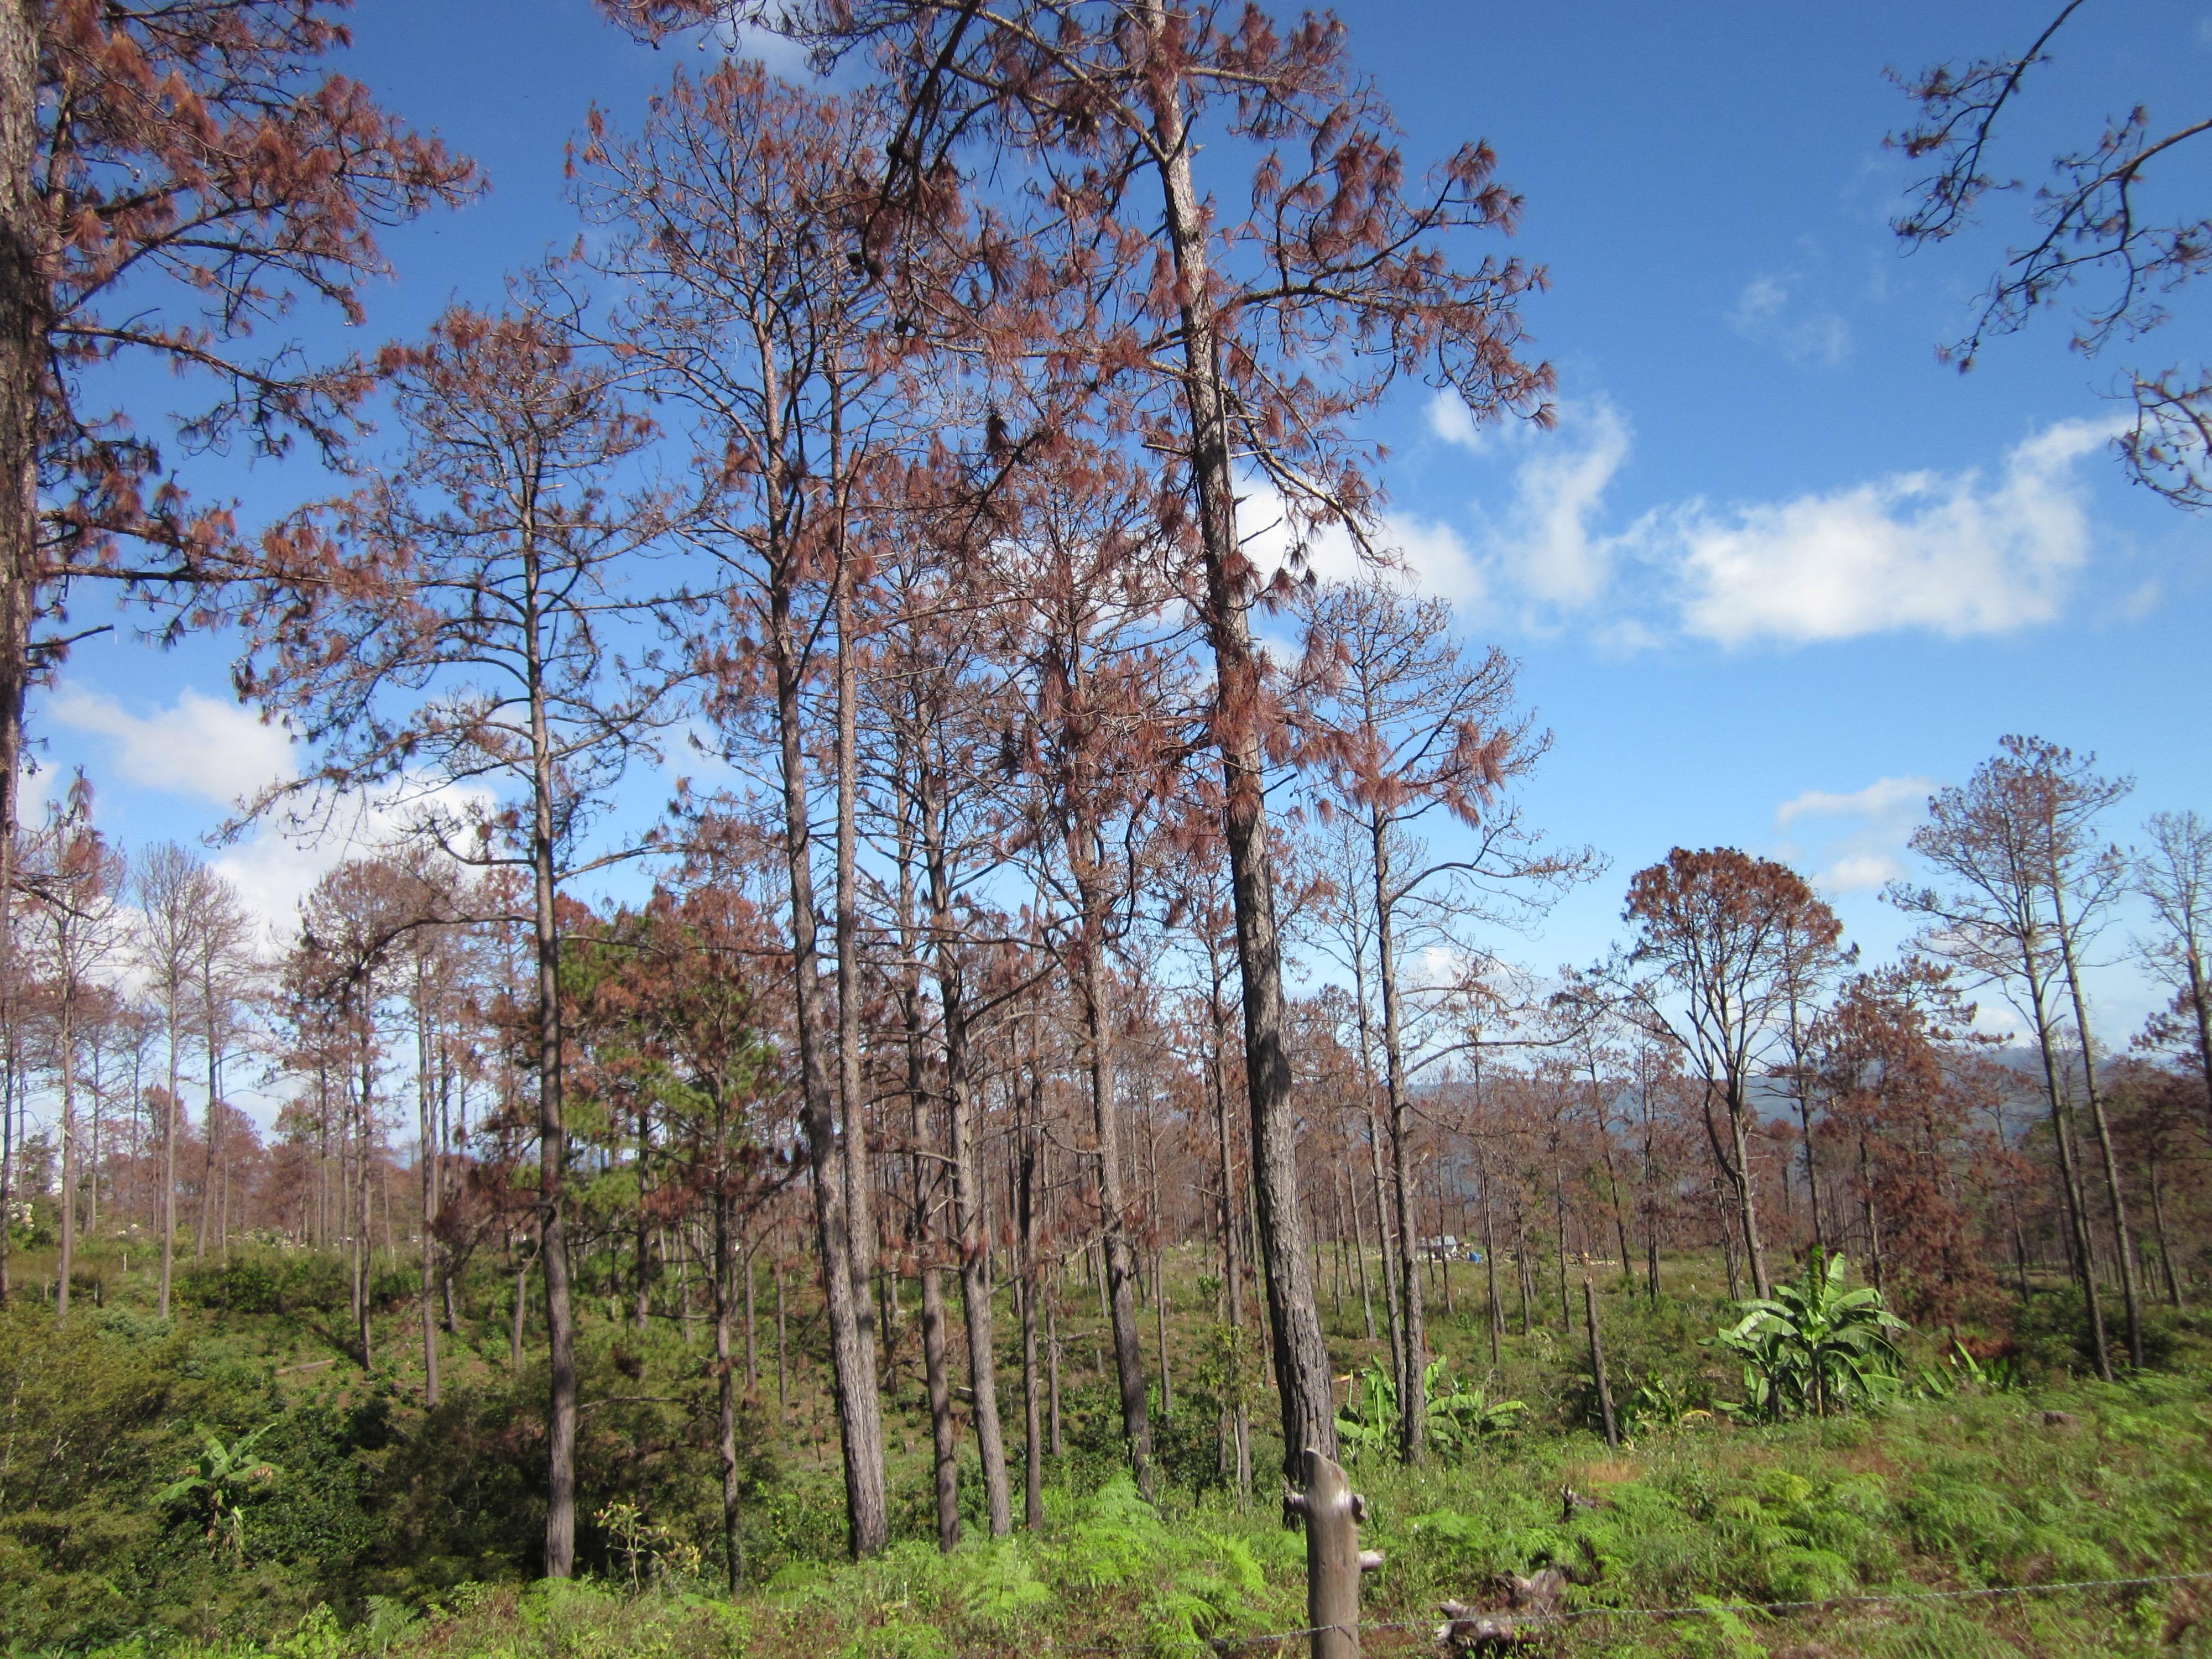 Honduras Beetle-killed Trees